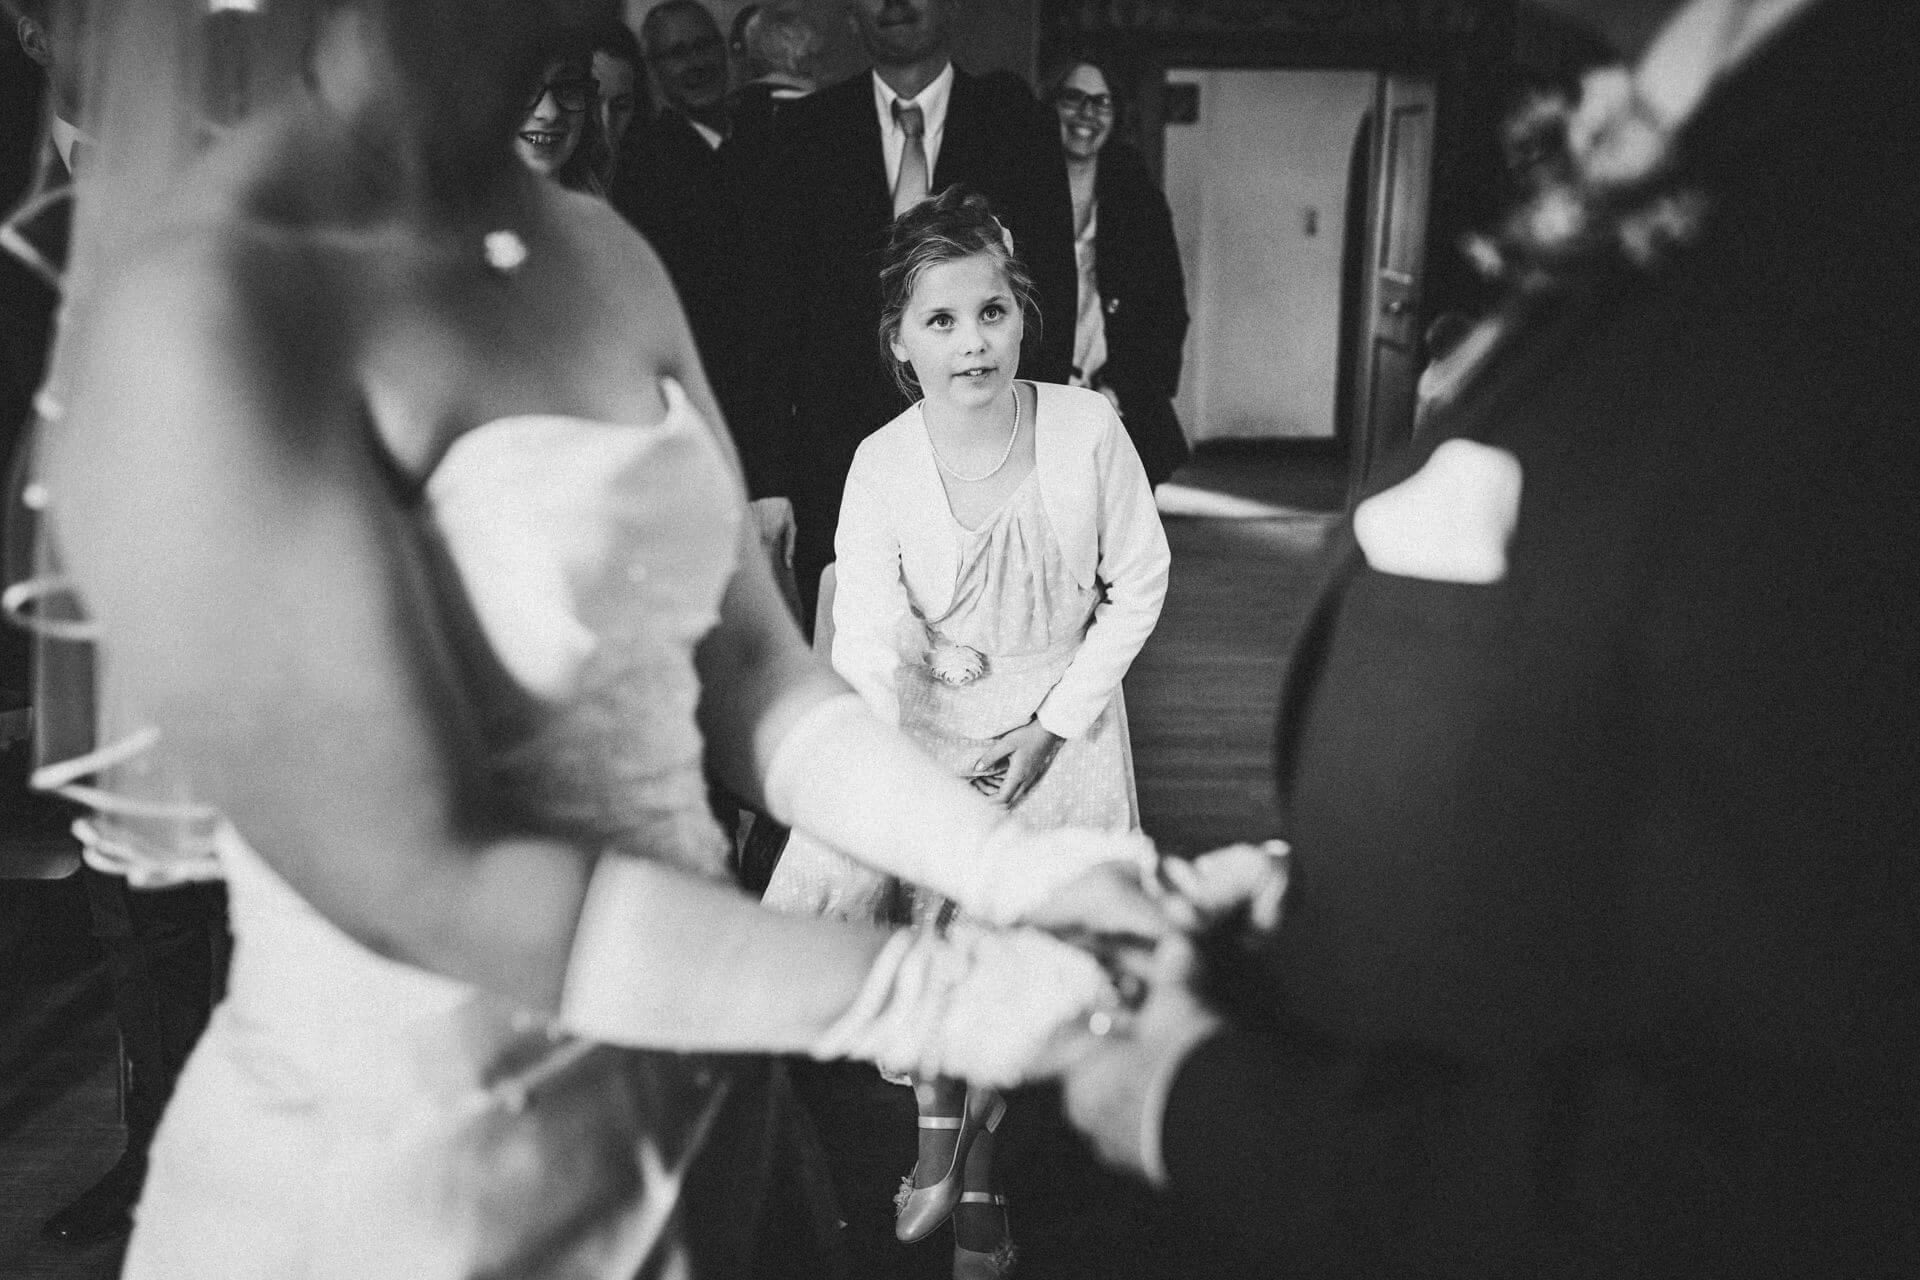 Hochzeitsfotograf Hofgut Friedelhausen - Trau-Zeremonie im alten Rittersaal - Emotionale Hochzeitsfotos